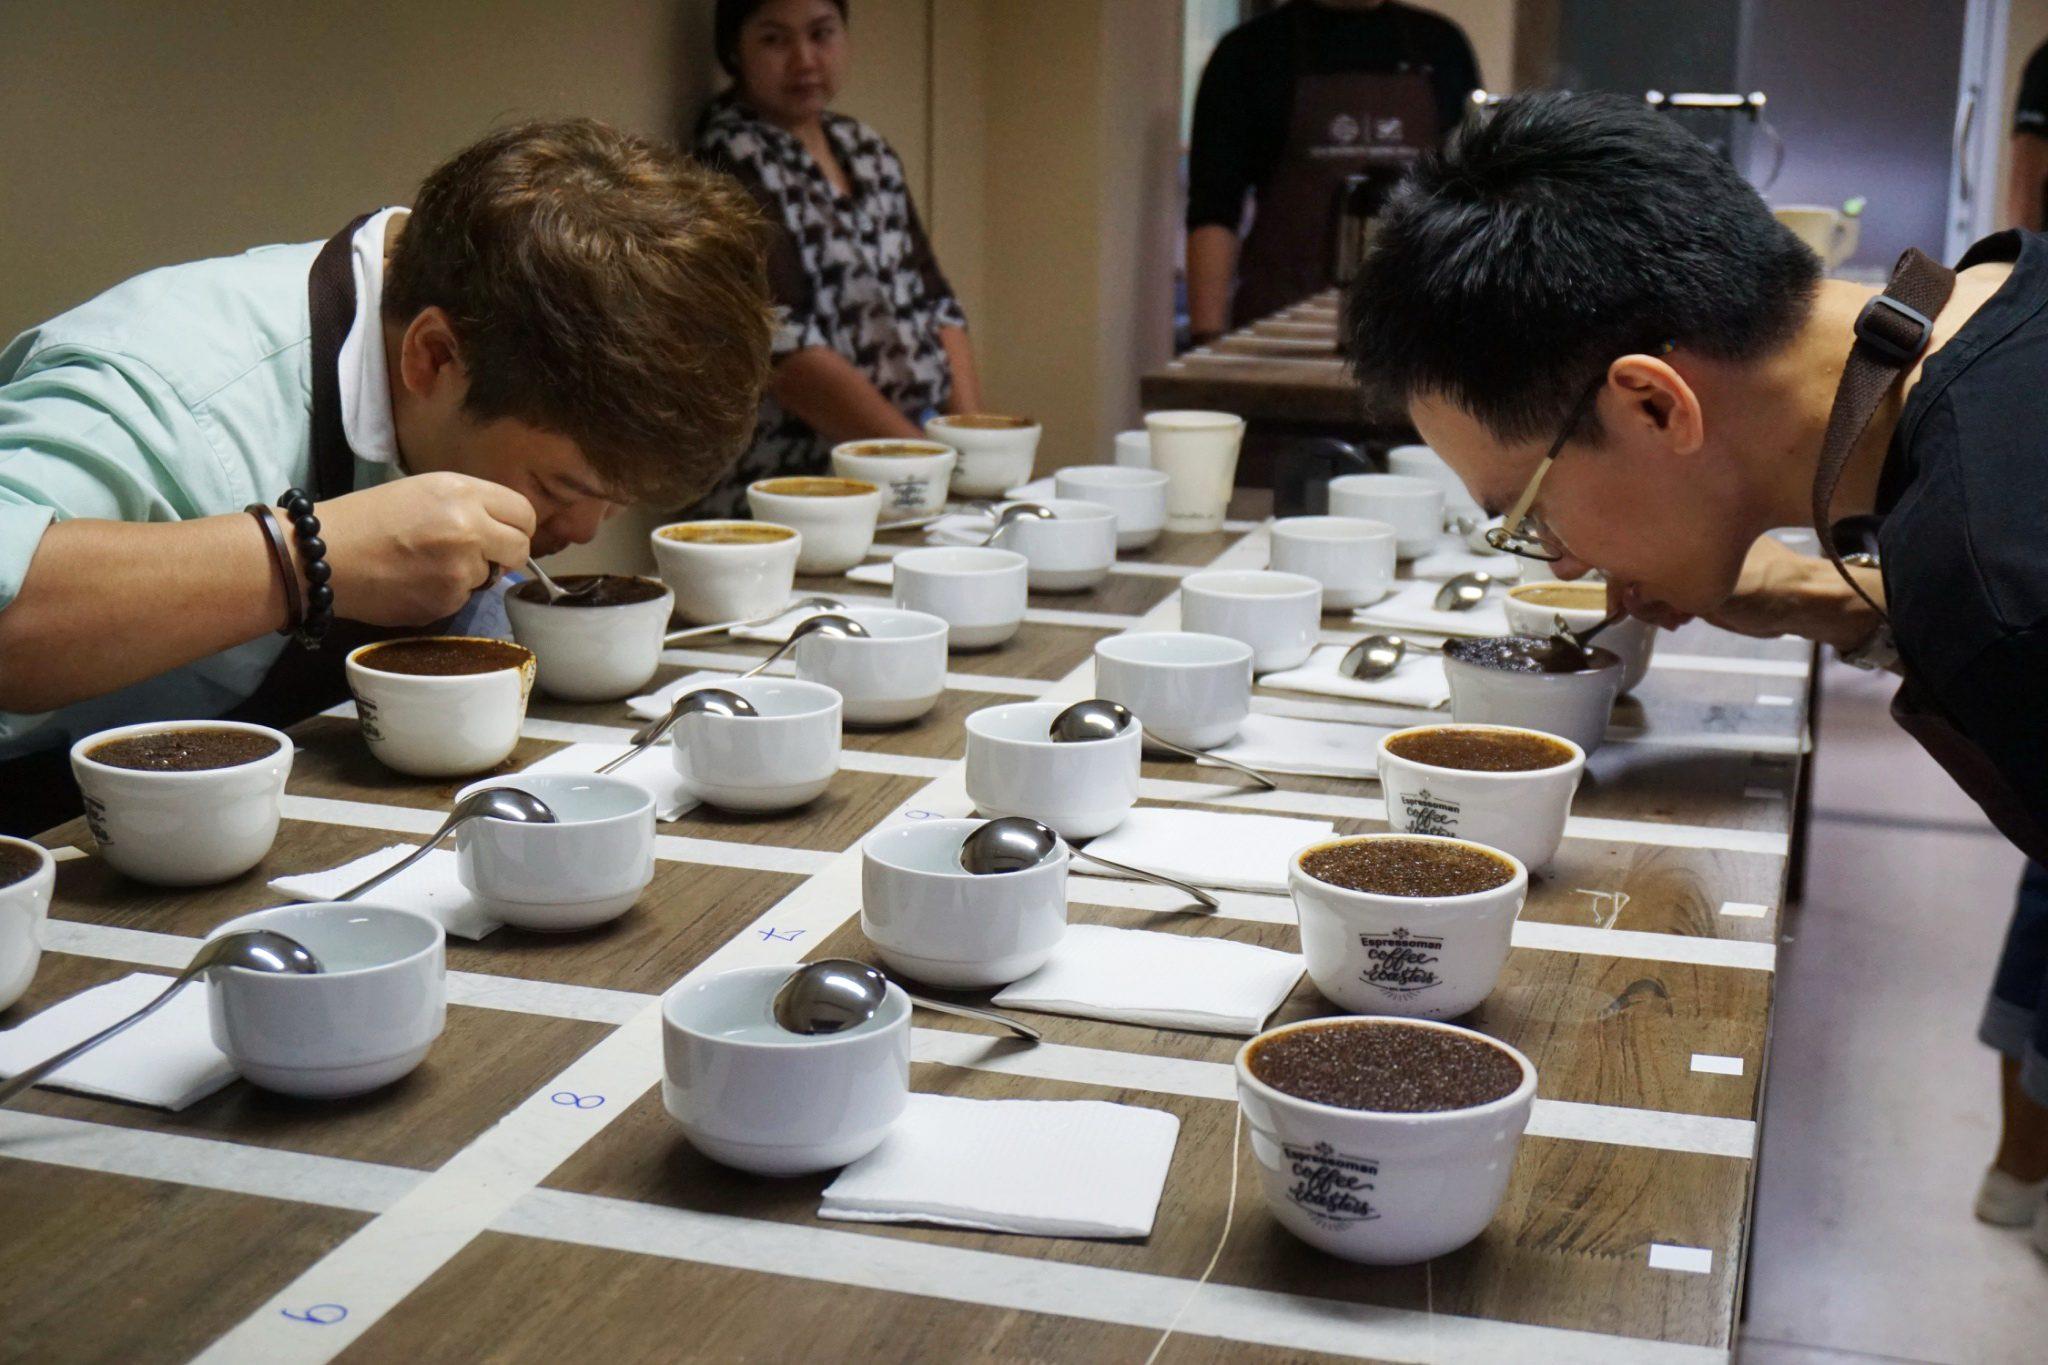 """สมาคมกาแฟพิเศษไทย สร้างประวัติศาสตร์วงการกาแฟ จัดประมูลออนไลน์ """"เมล็ดกาแฟไทย"""" ทำรายได้ยอดประมูลกว่า 3 ล้านบาท สูงสุดเป็นประวัติการณ์"""